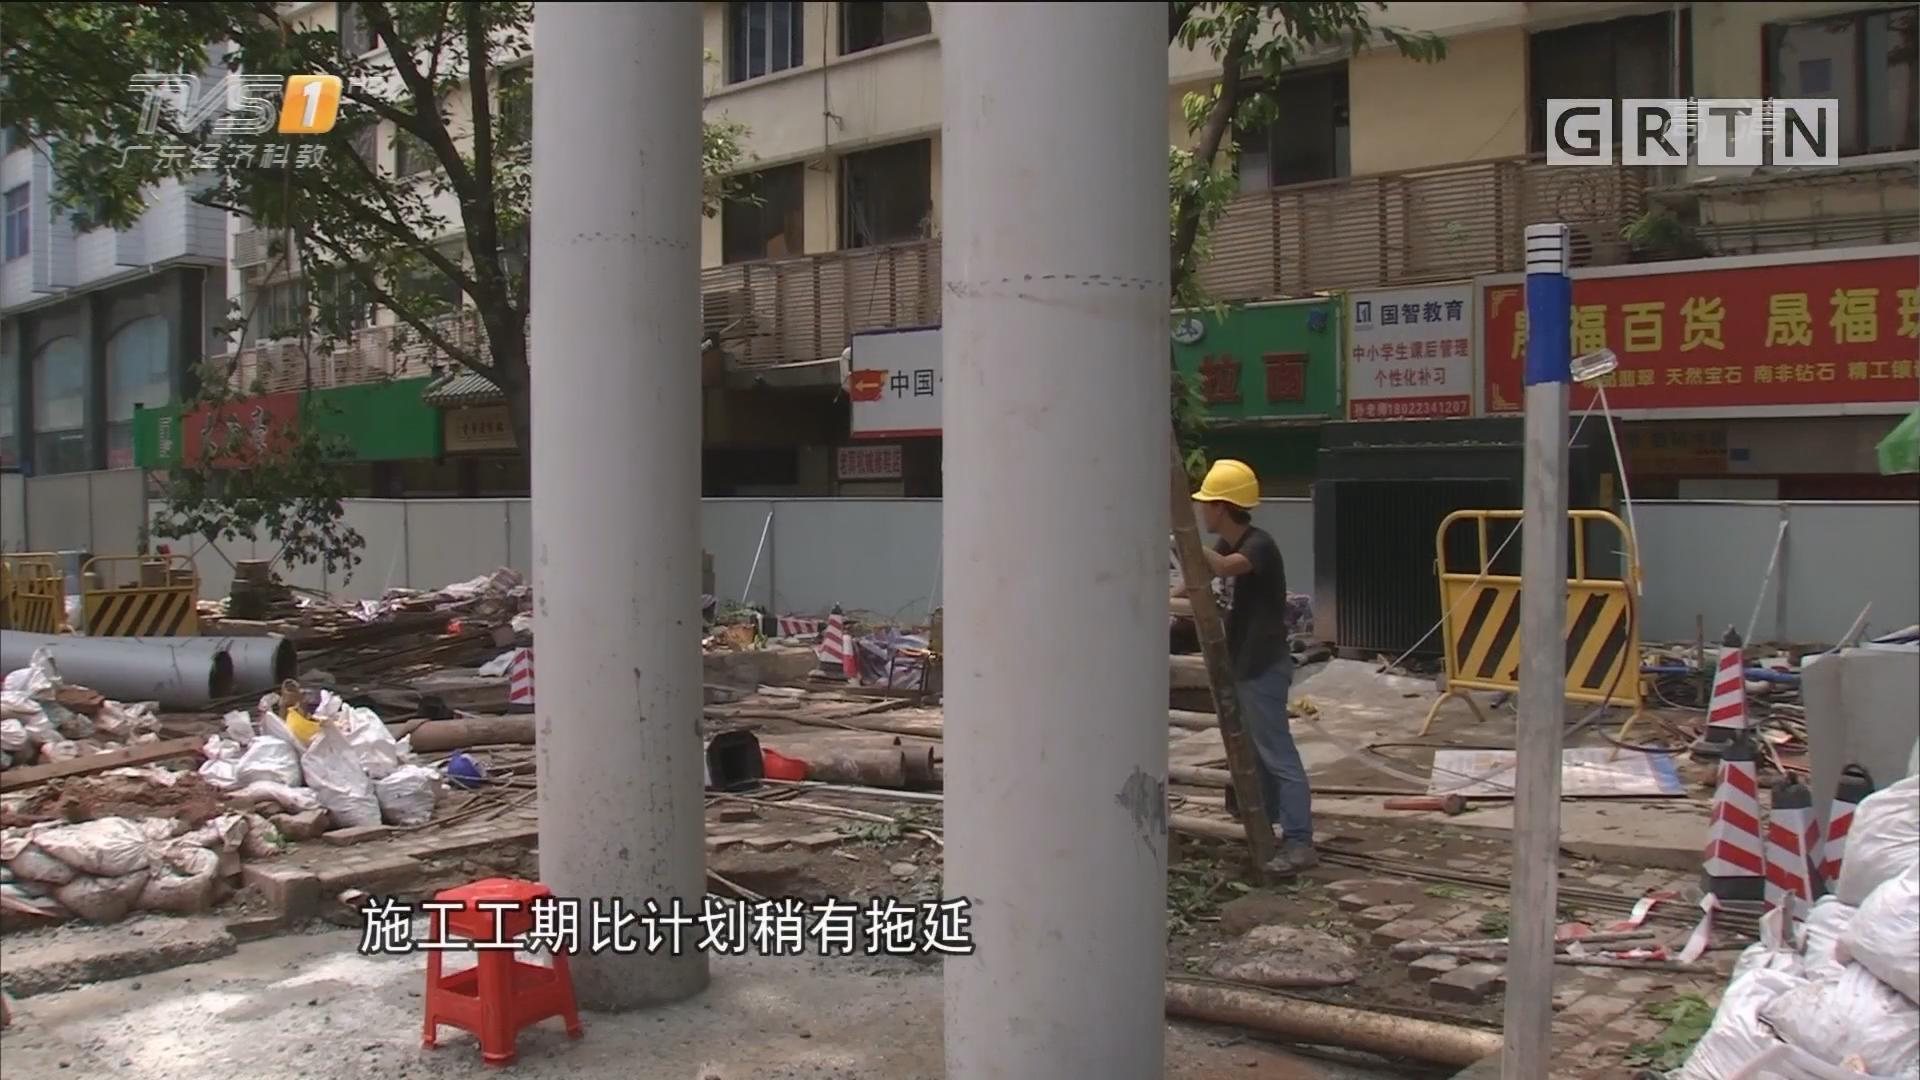 """广州福今路:""""最悲催天桥"""" 封路重建 16号或重开"""